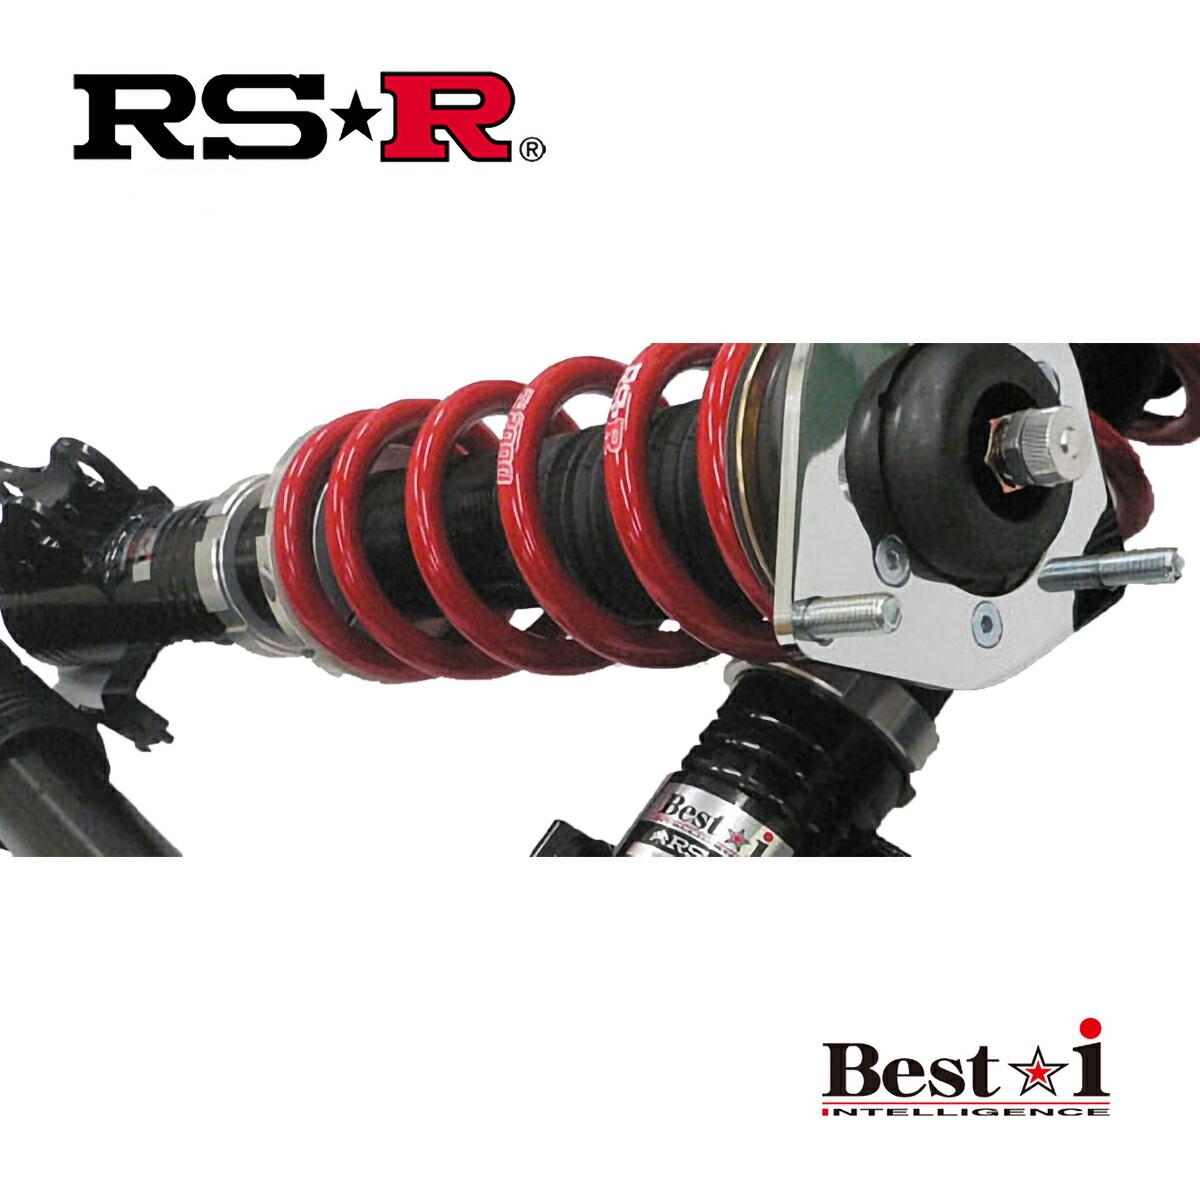 RS-R クラウンハイブリッド GWS224 RSアドバンス 車高調 リア車高調整: ネジ式 BIT968M ベストi RSR 個人宅発送追金有